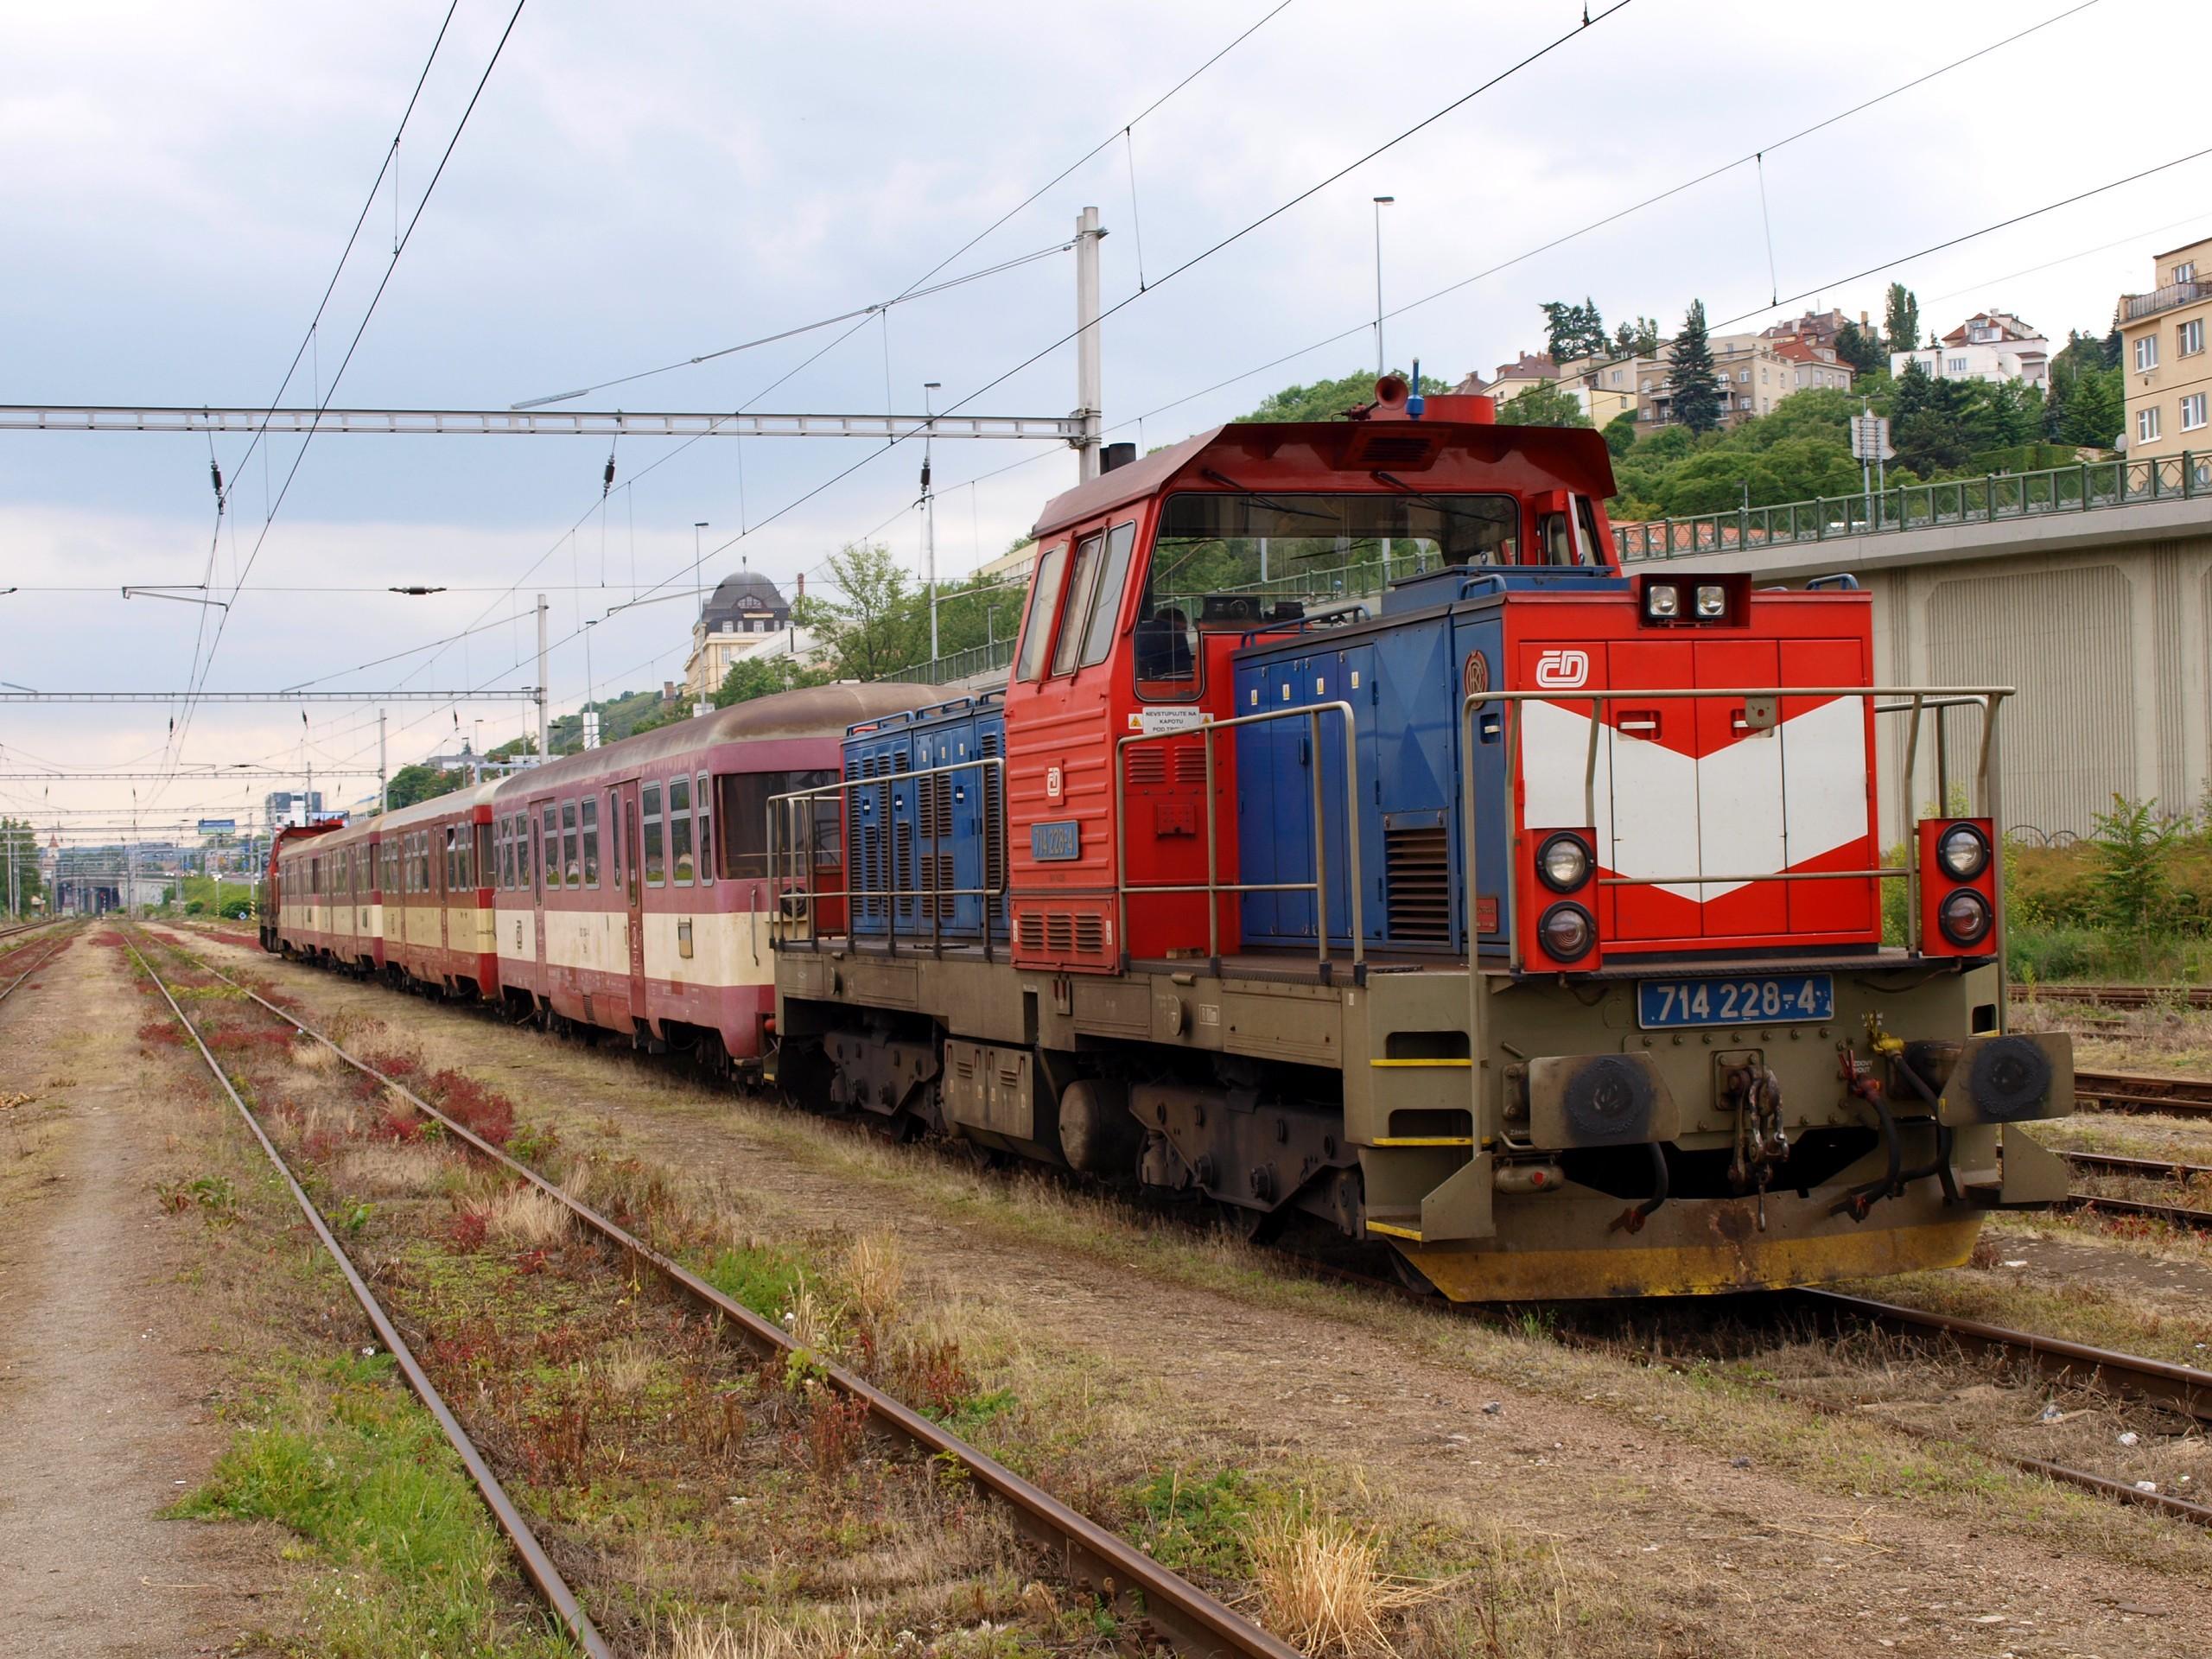 File:Lokomotiva 714, Praha-Smíchov severní nástupiště.jpg